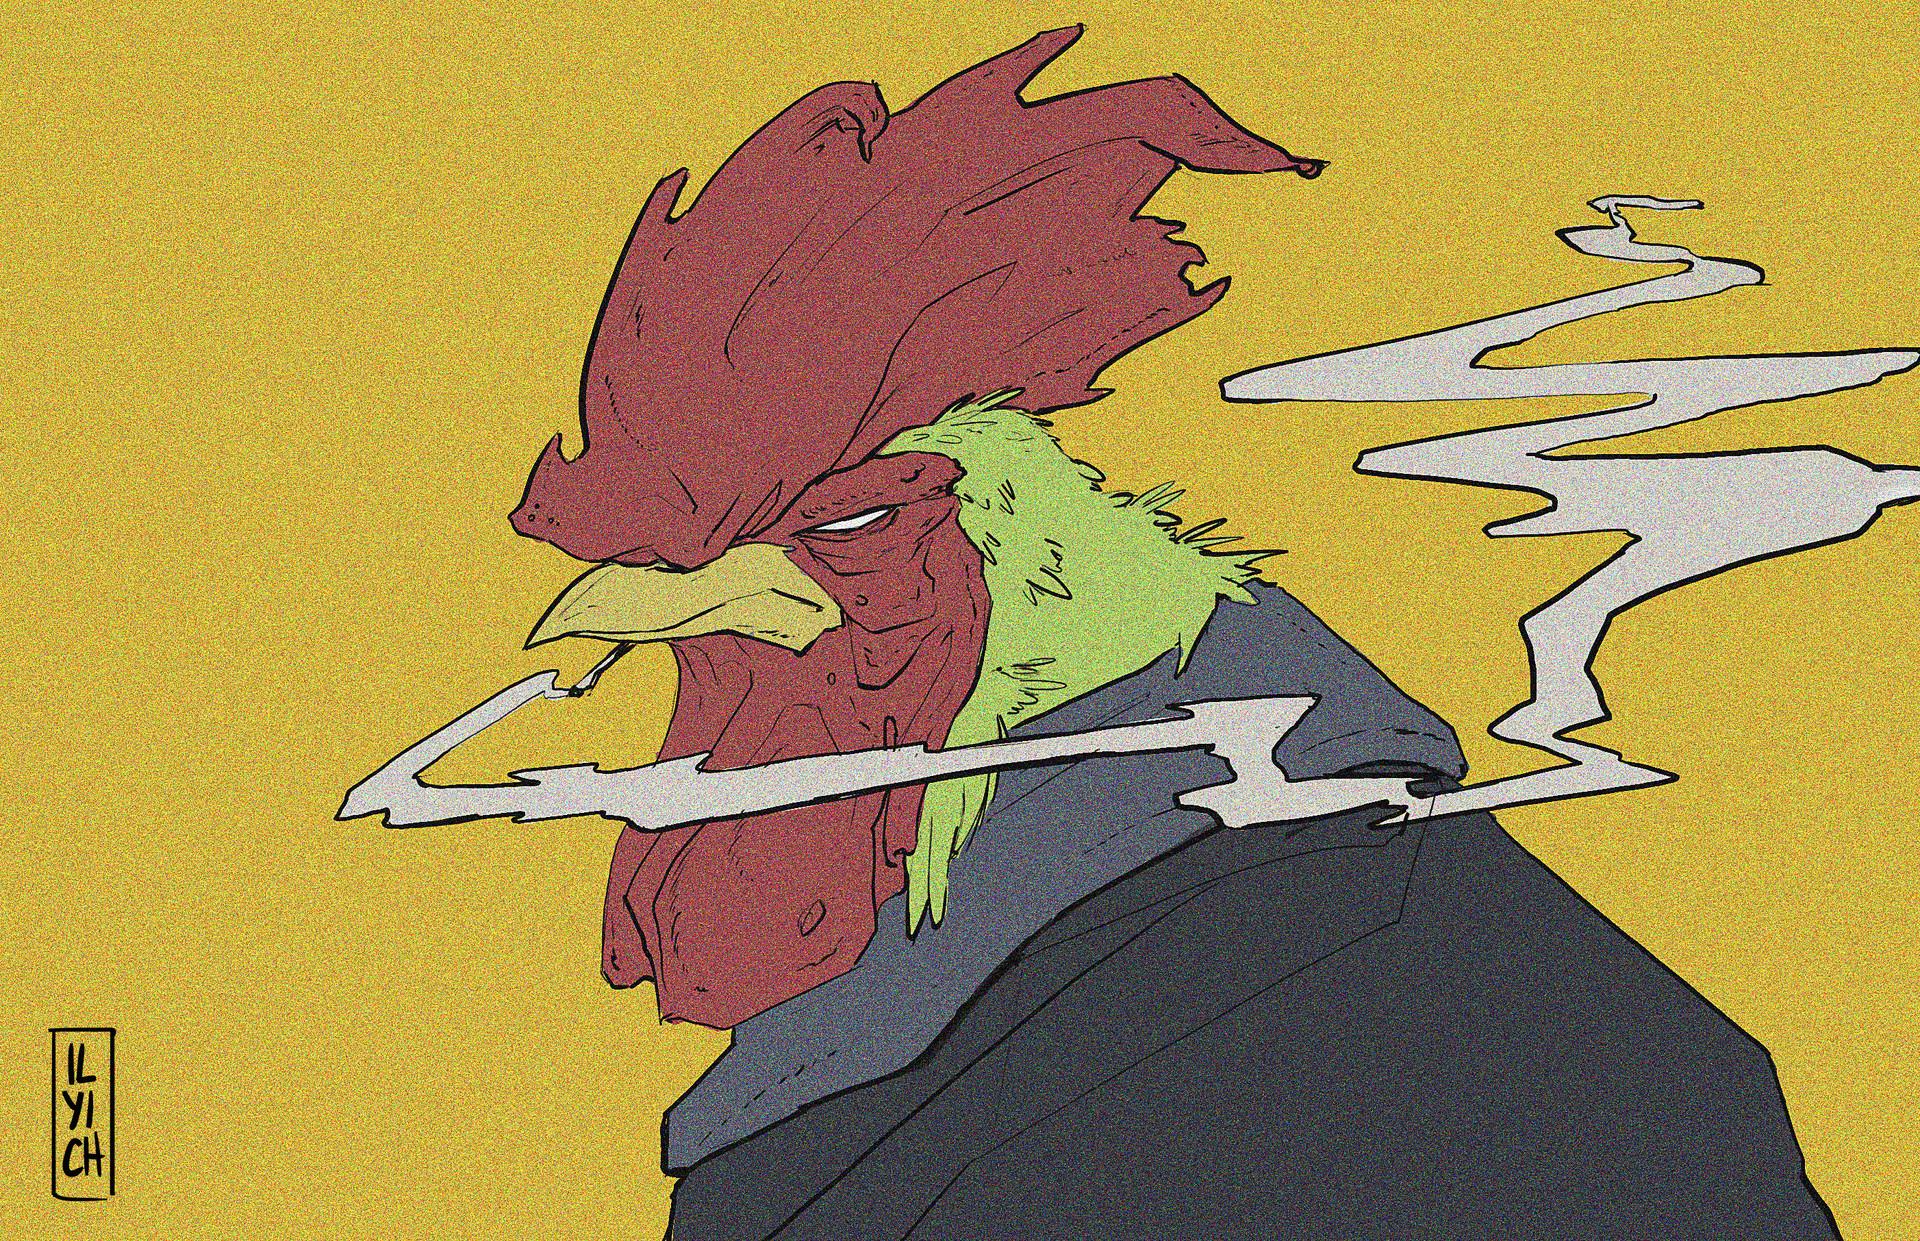 Pablo ilyich gallo samurai